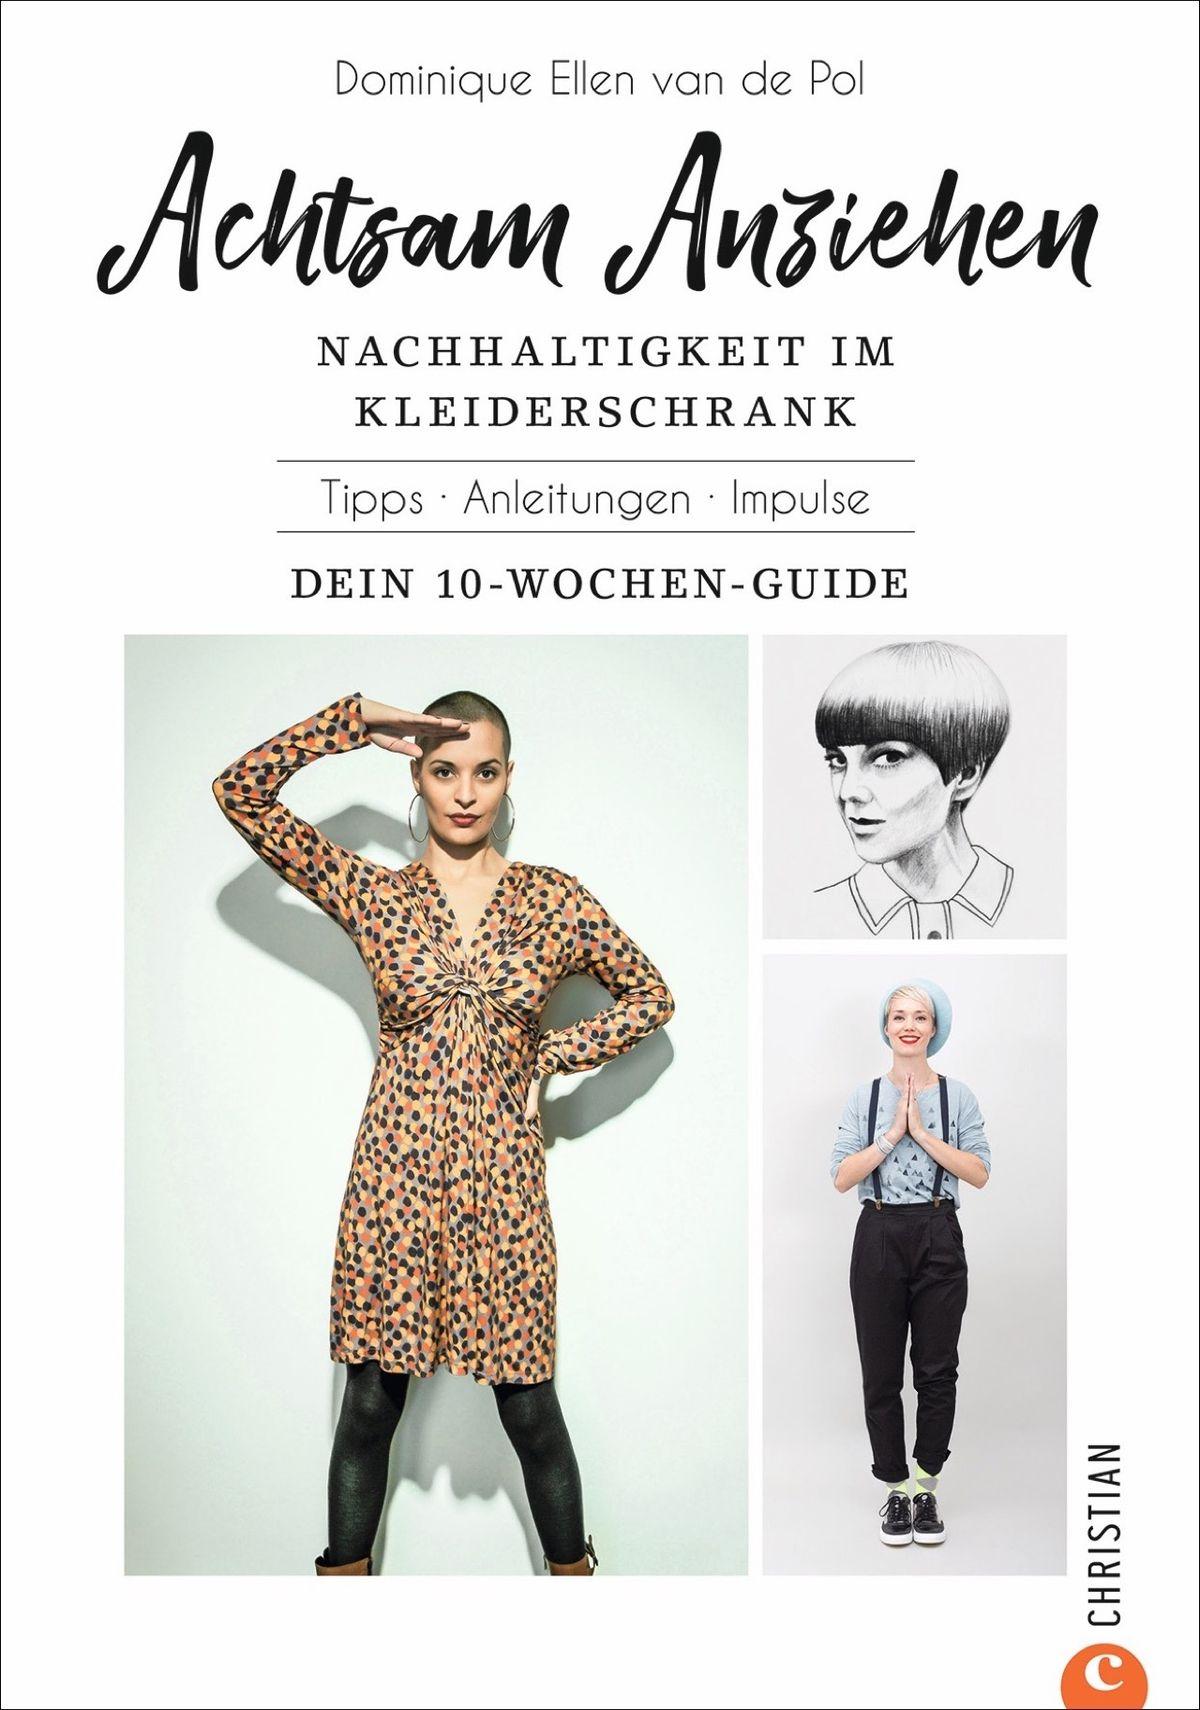 Dominique van de Pol | Achtsam anziehen. Nachhaltigkeit im Kleiderschrank 160 Seiten, 19,99 Euro | ISBN: 978-3-95961-399-6